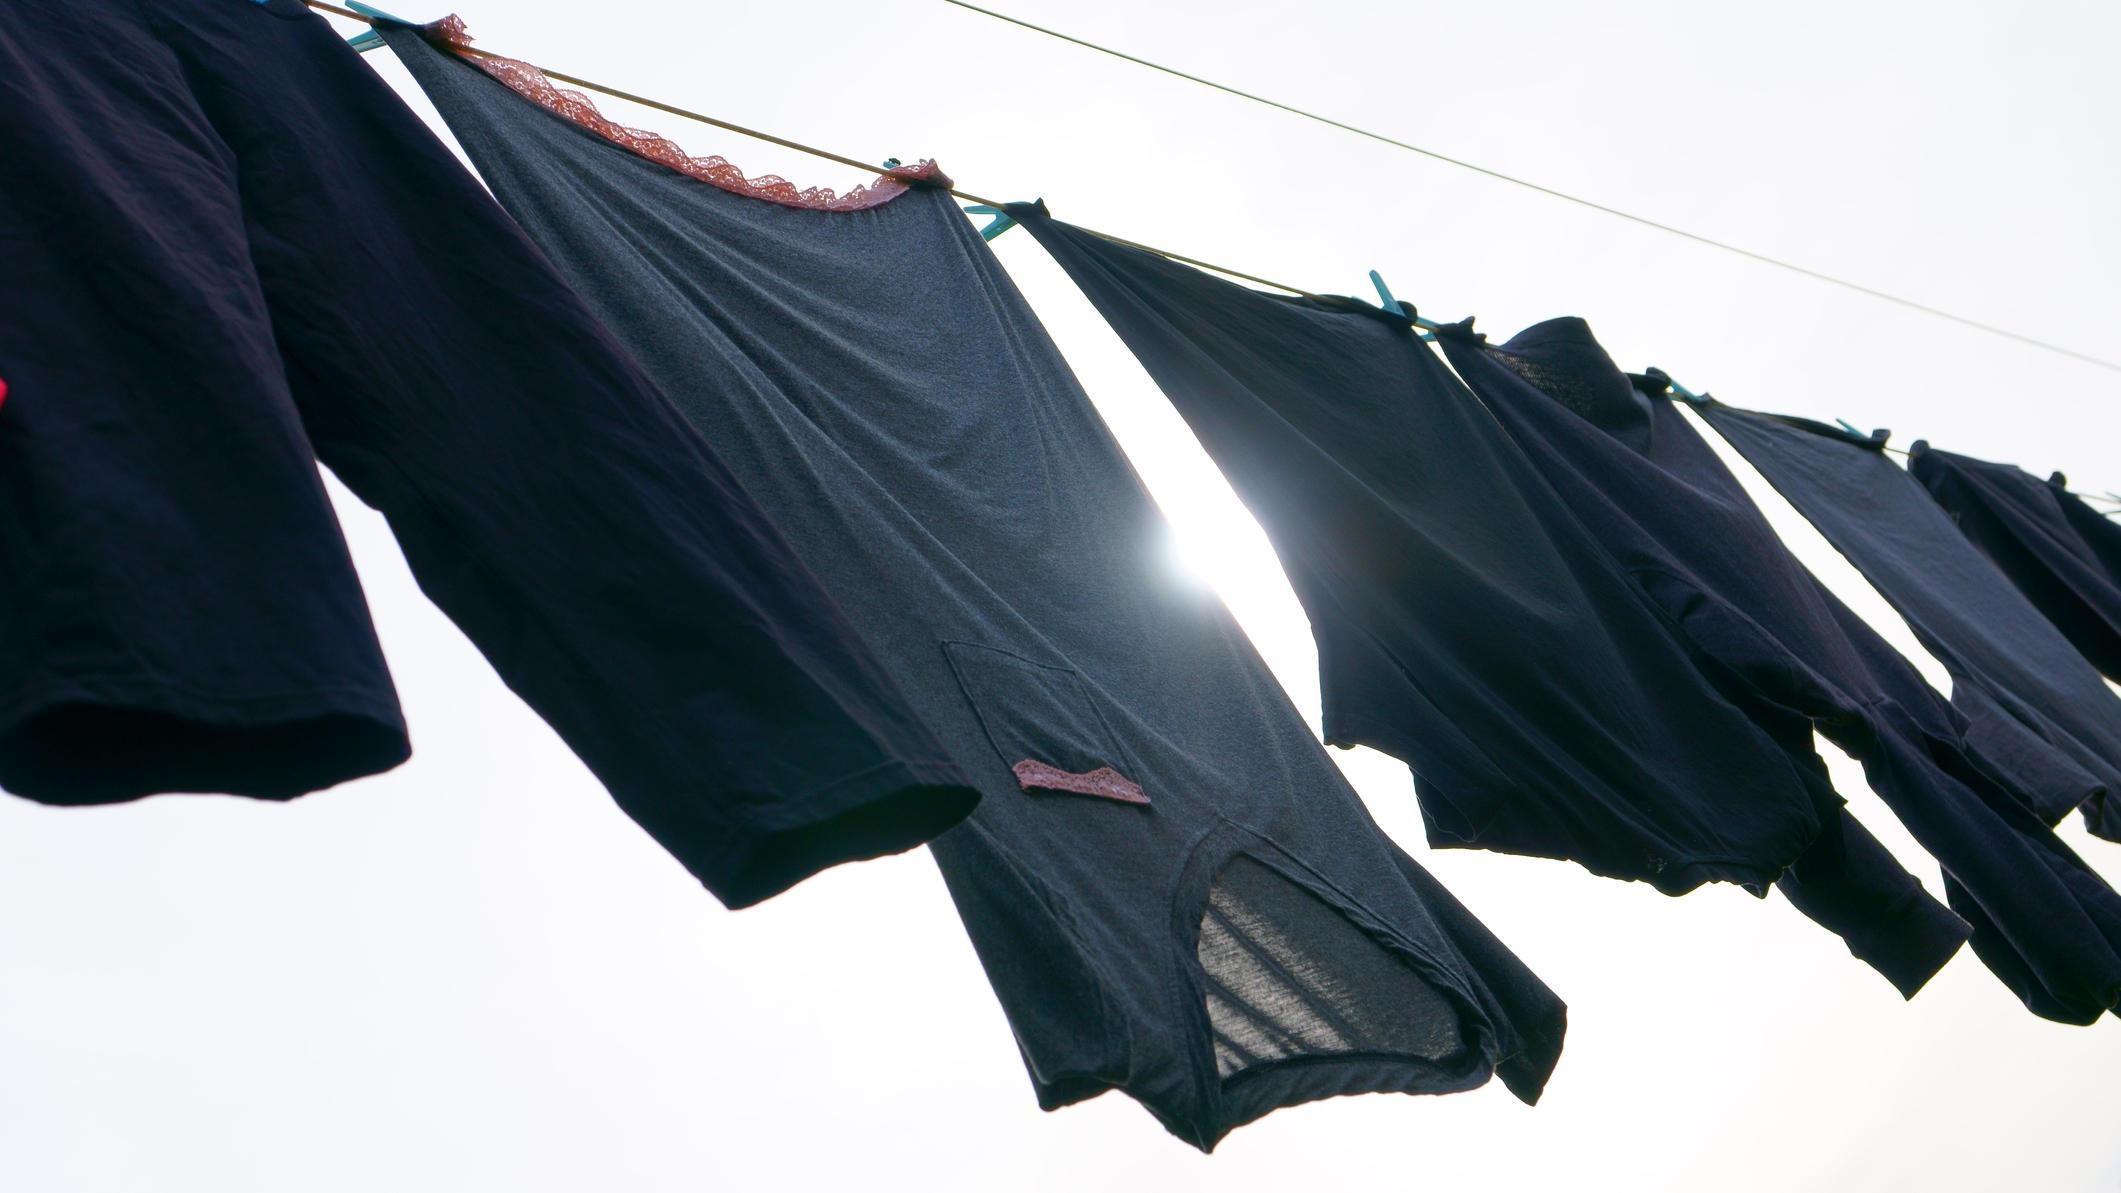 Wäsche Müffelt Nach Dem Waschen